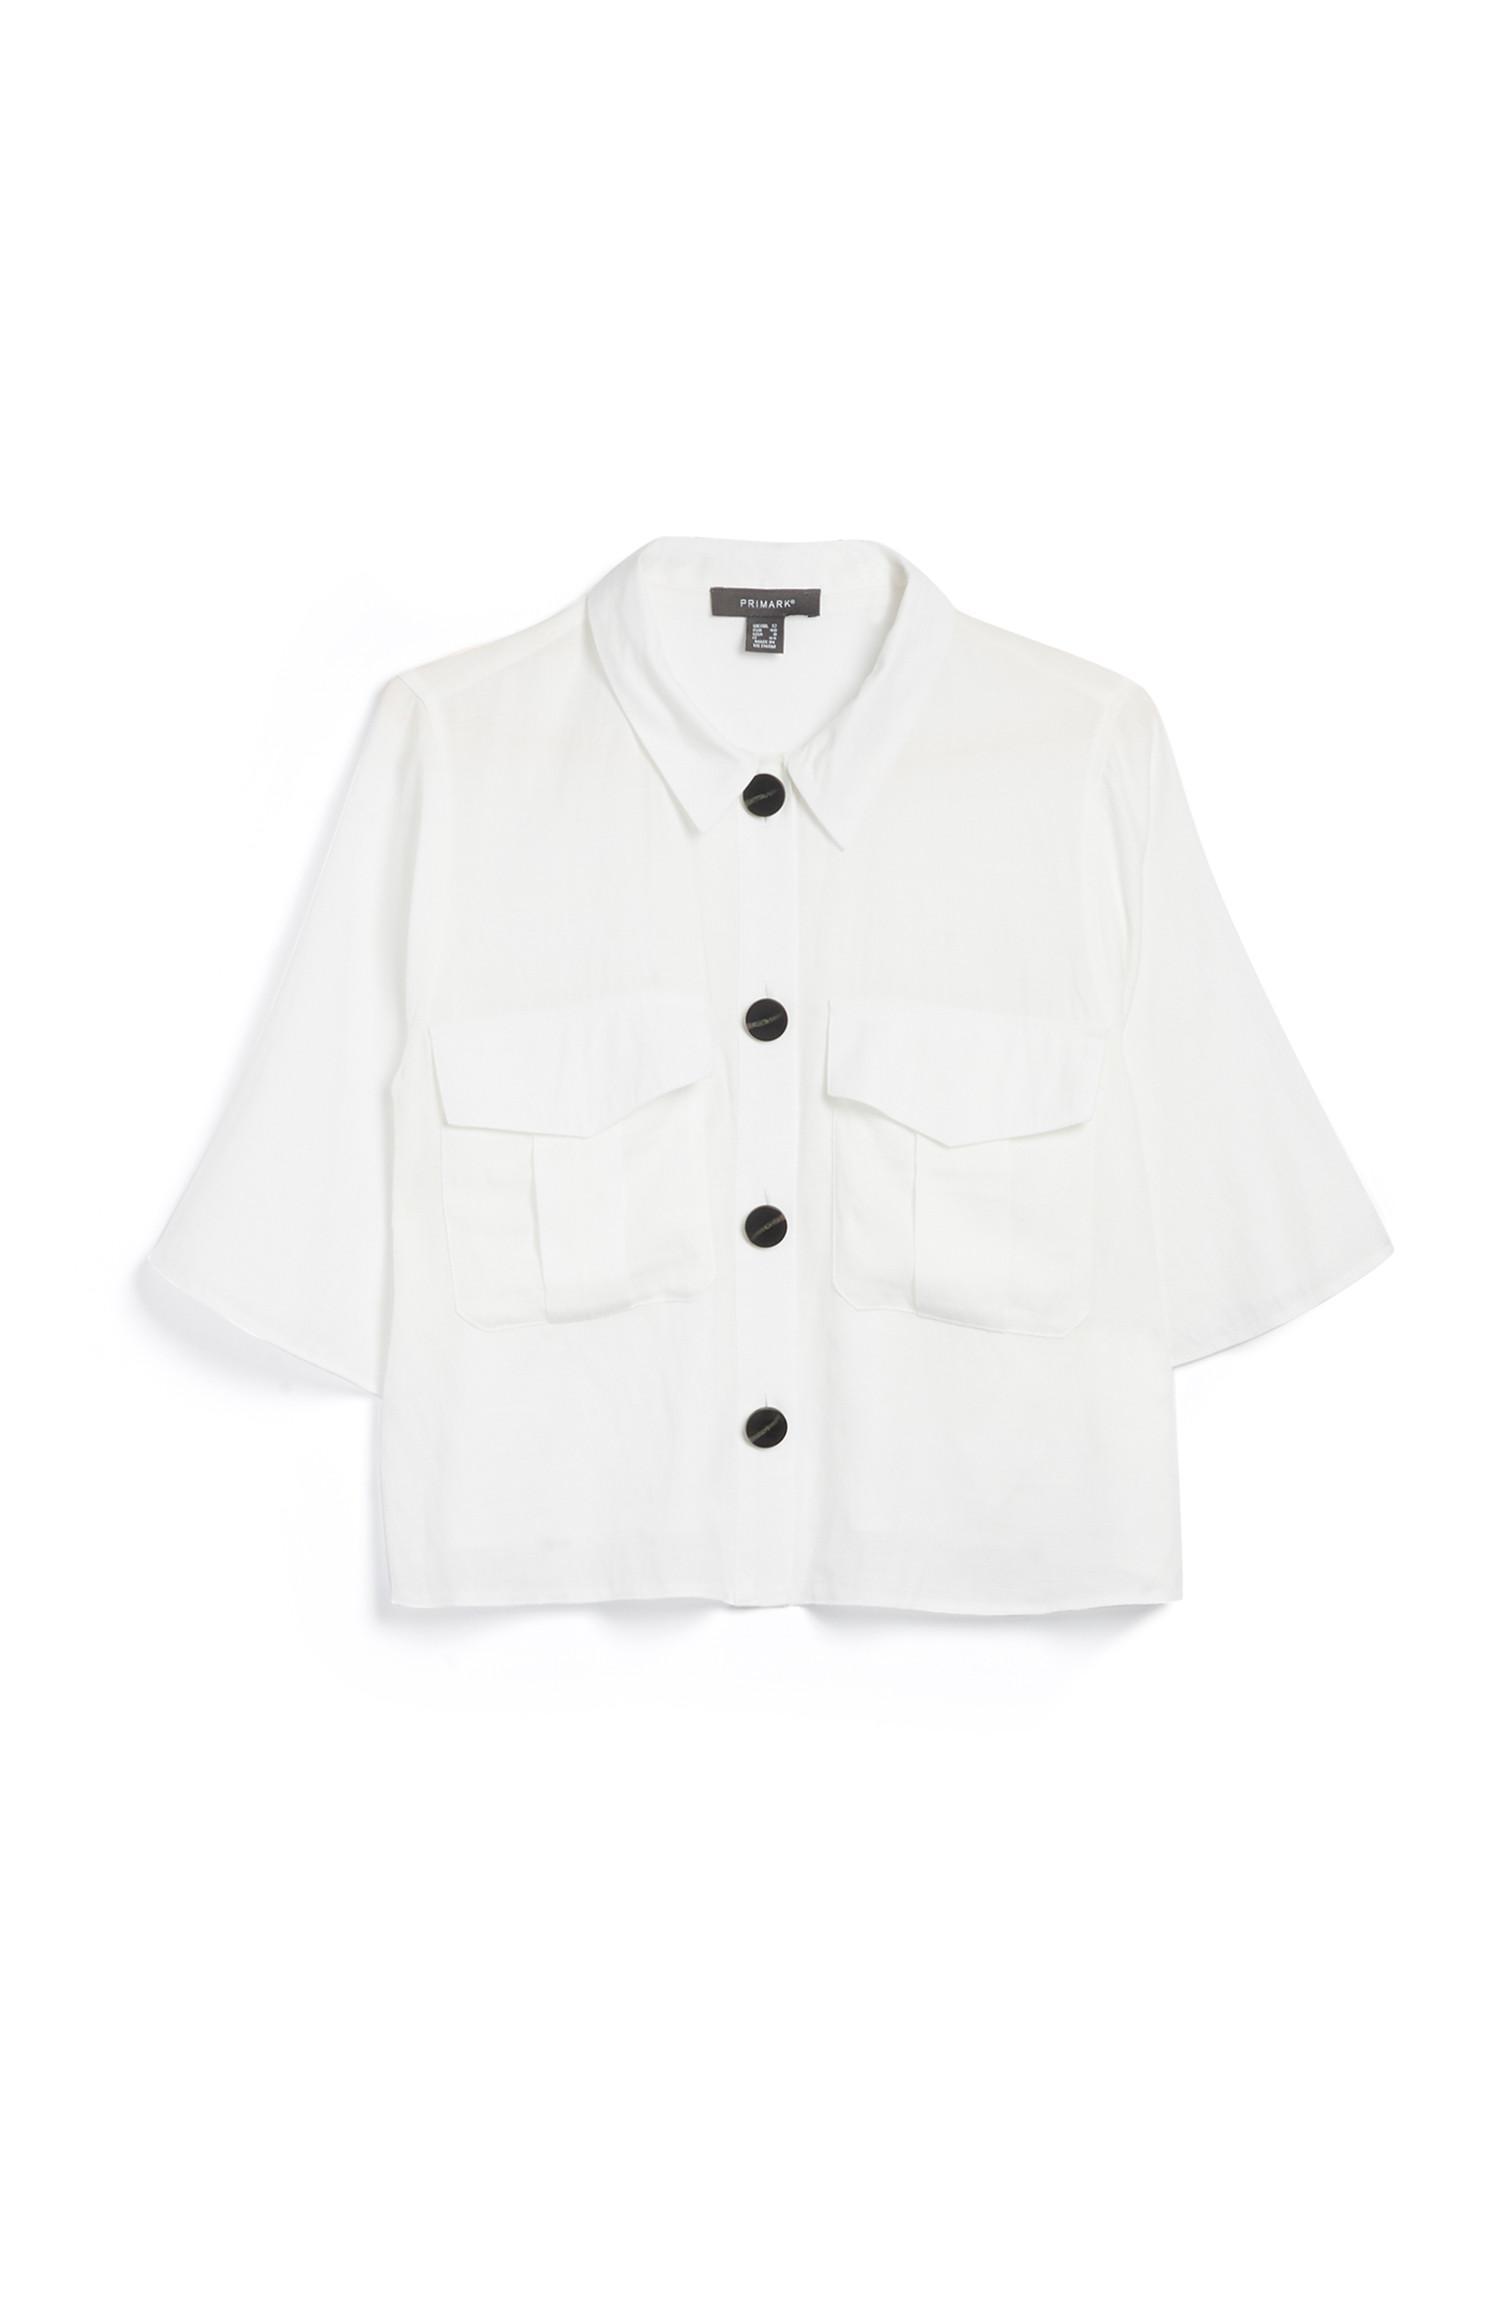 Camisa prática branco